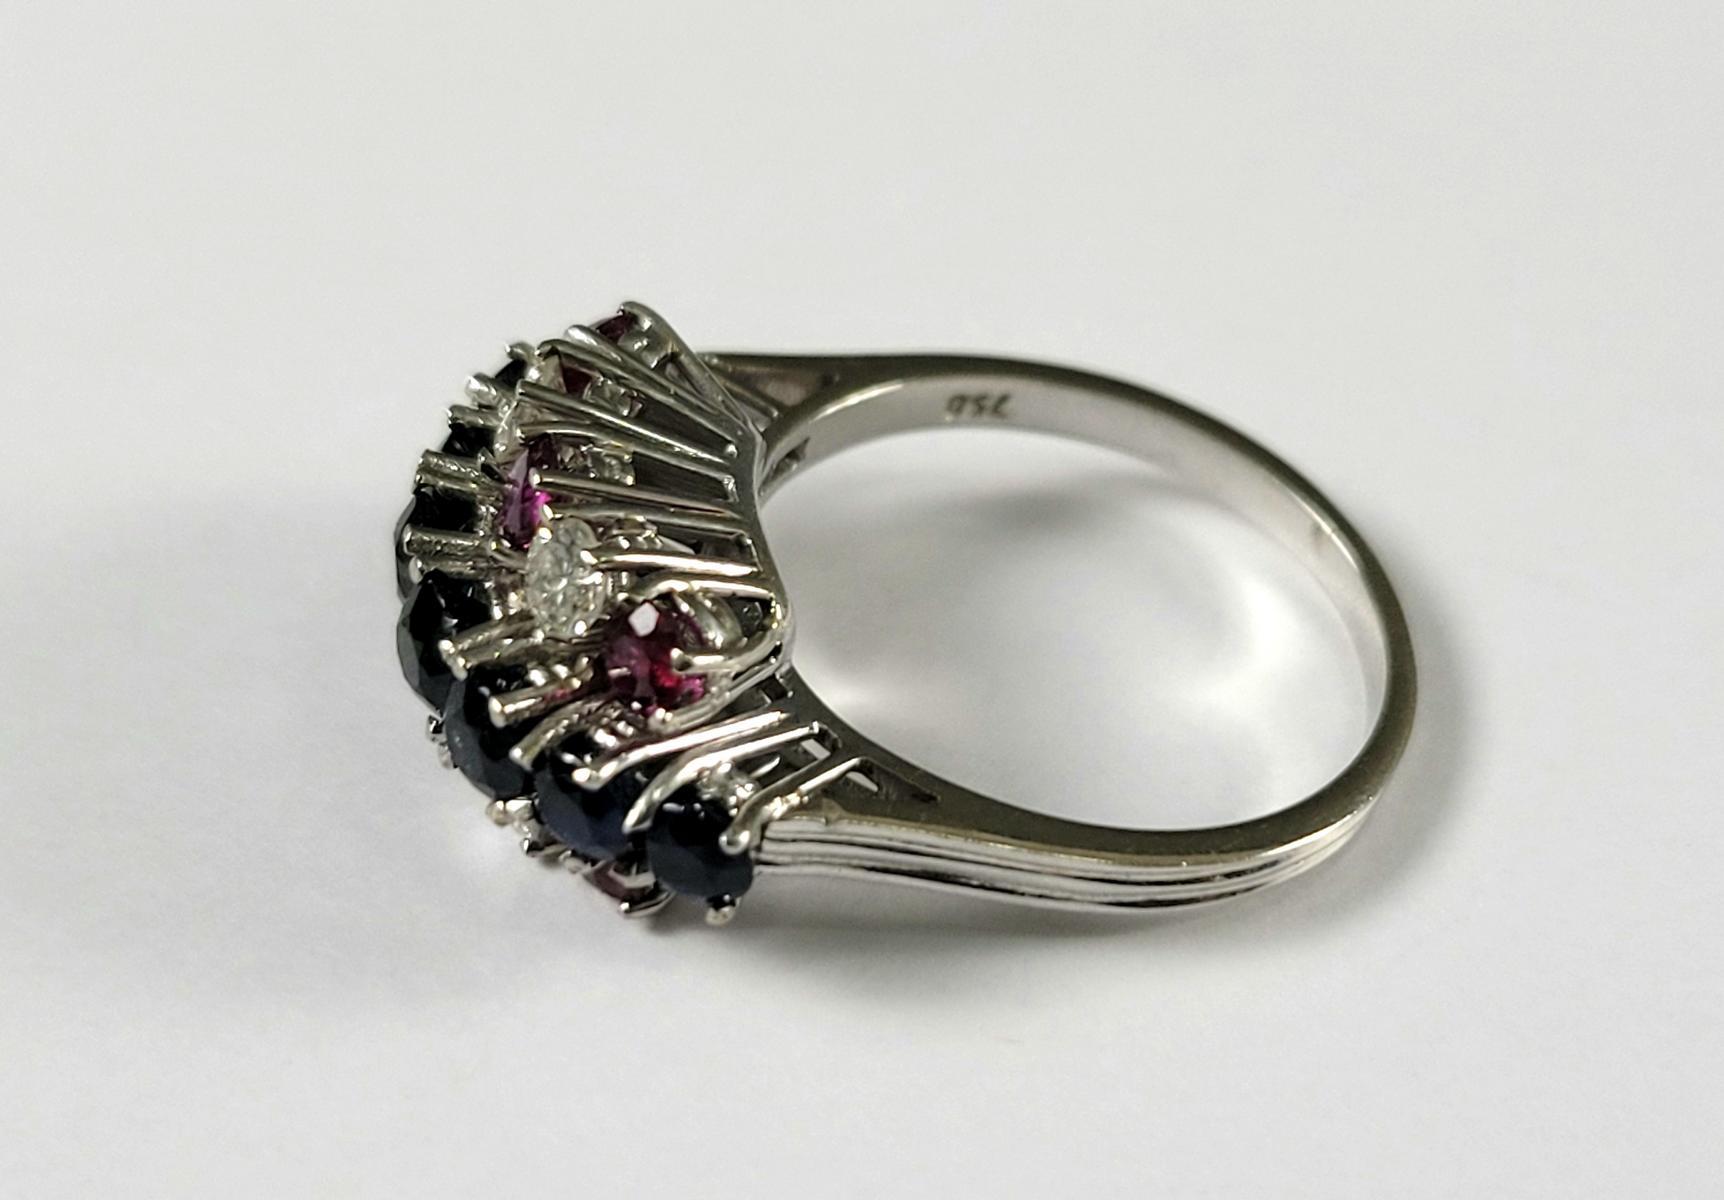 Damenring mit Saphiren, Diamanten und Rubinen, 18 Karat Weißgold-4